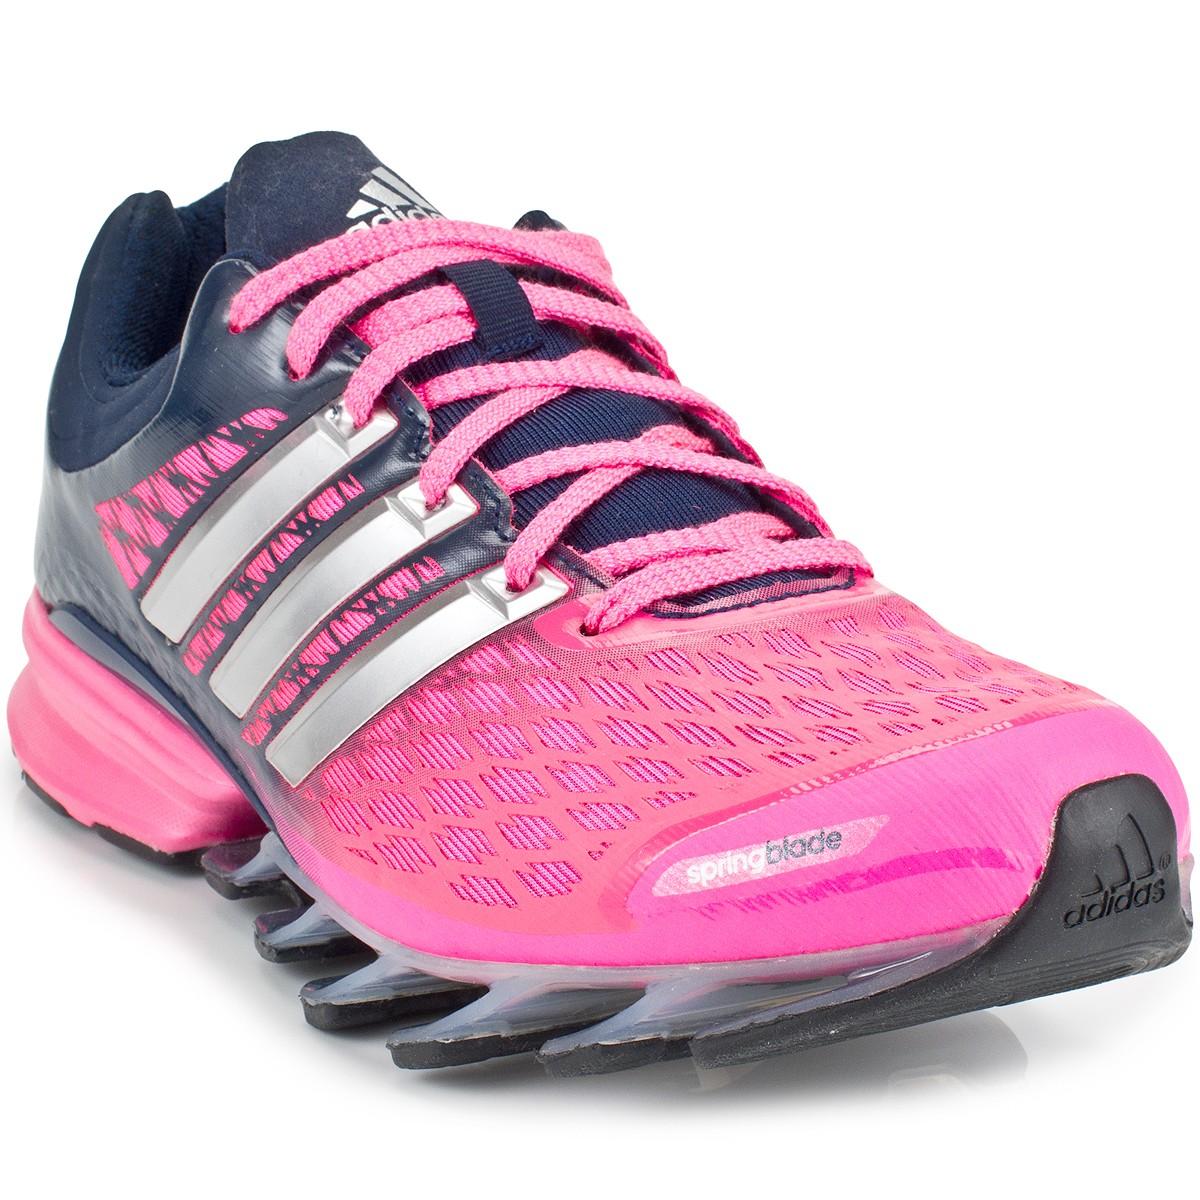 tenis adidas springblade ff w m18743 c2b8dd16529d11ffda90e804b4a3215a